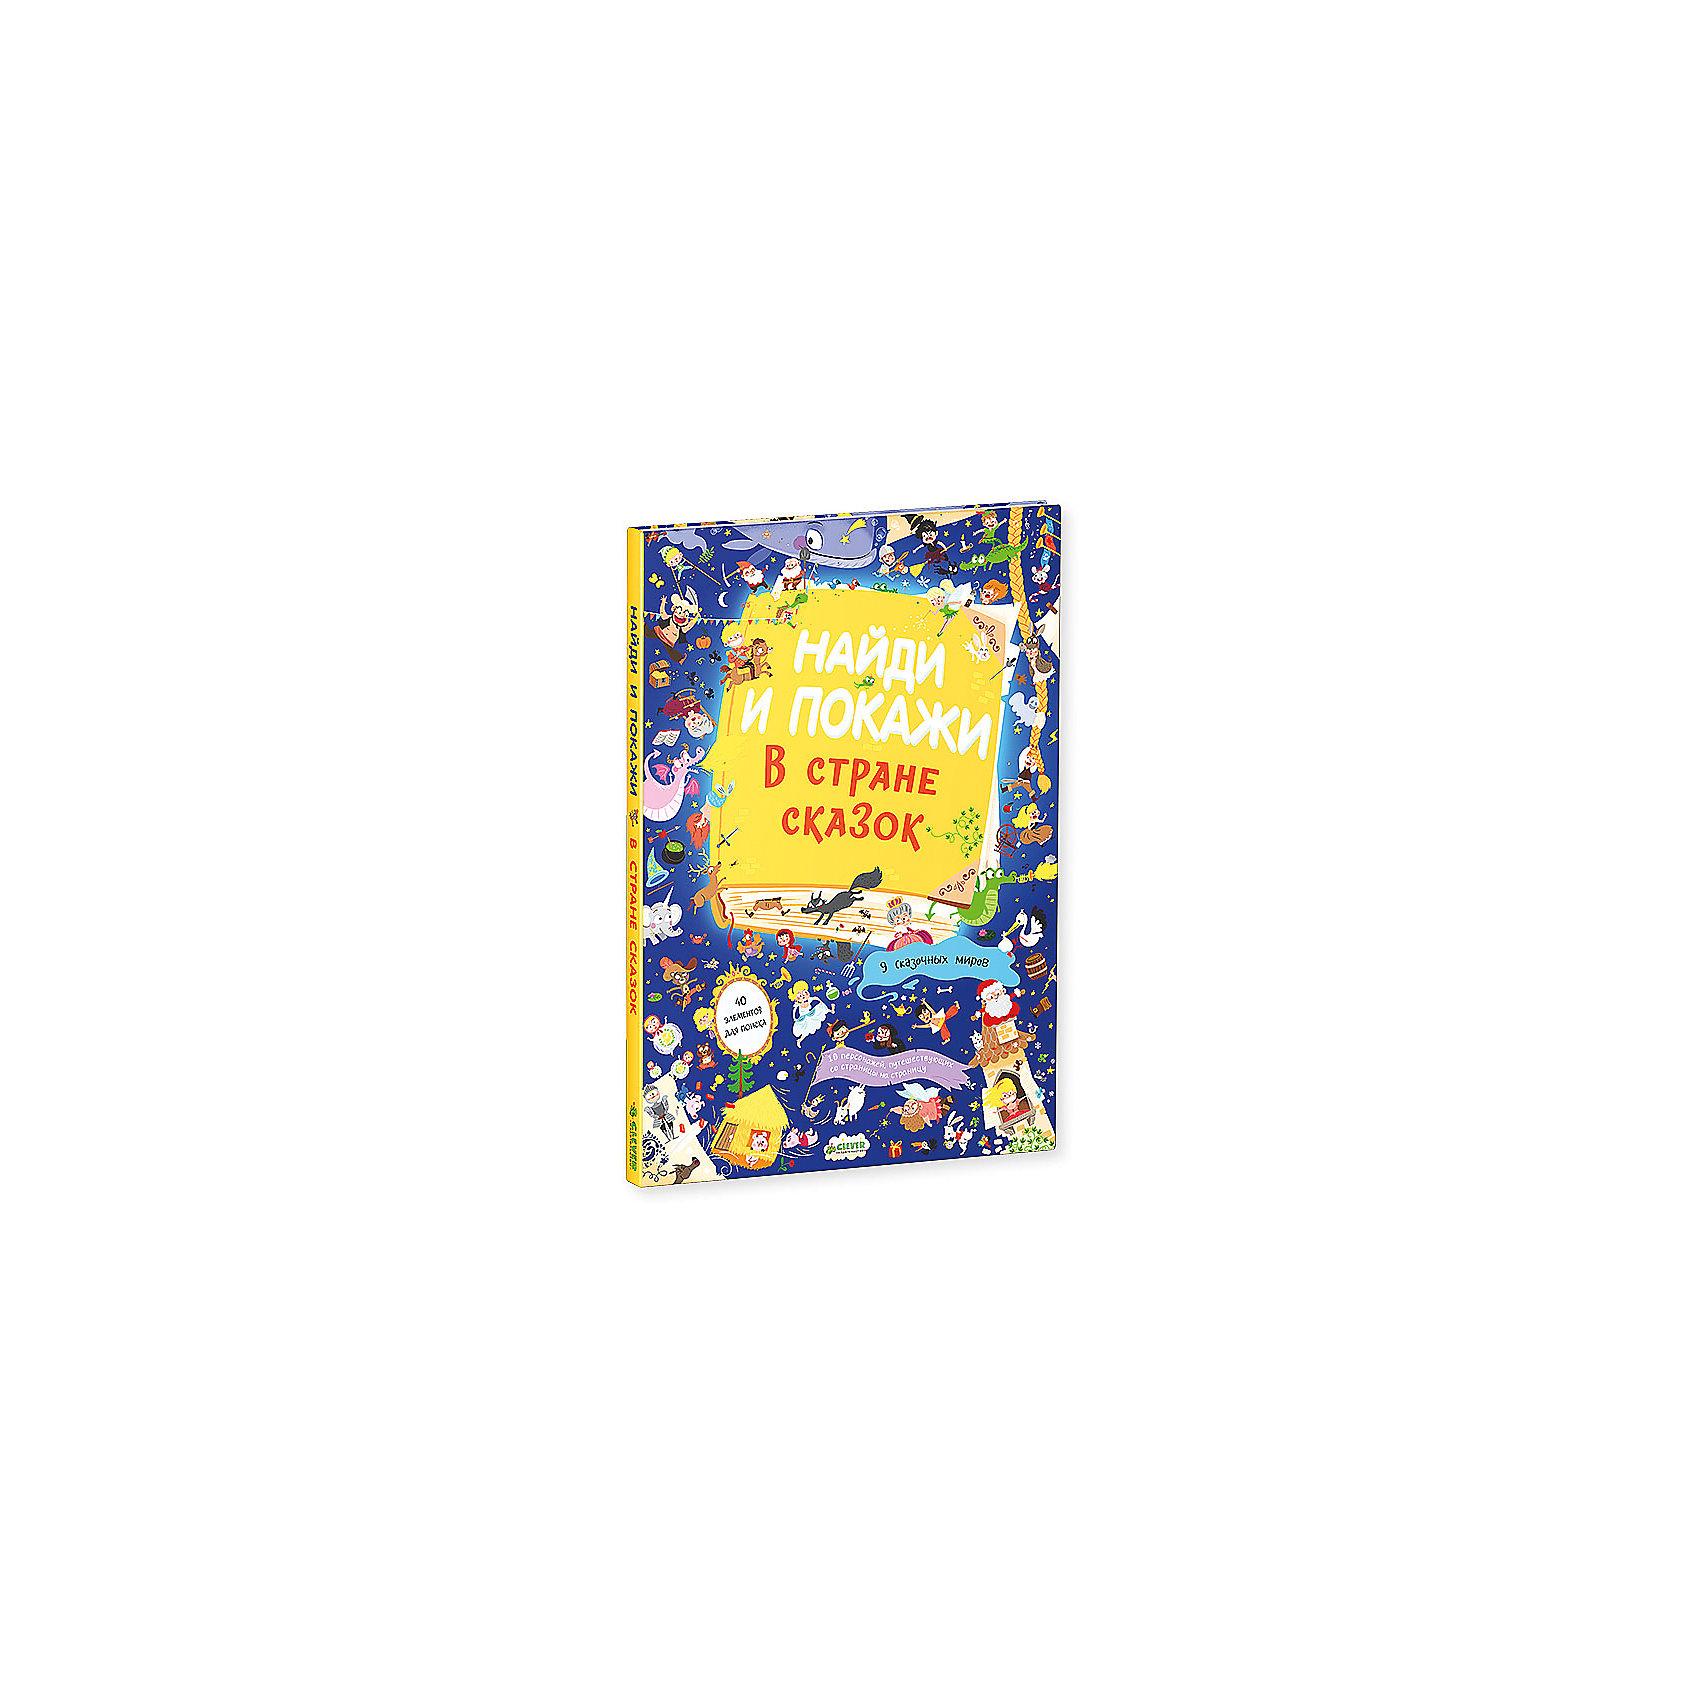 Найди и покажи В стране сказокПодготовка к школе<br>Найди и покажи В стране сказок – это книга, в которой ребенка ждут яркие иллюстрации и множество предметов и персонажей для поиска.<br>Эта огромная книга — дверь в волшебную страну и невероятное поле для игры, в которую можно играть день за днём. В книге вы найдете яркие и красочные иллюстрации к самым любимым сказкам: о захватывающих приключениях, о животных, о принцессах и рыцарях, о феях и волшебниках, о монстрах и чудовищах, о море, о лесе, сказки народов мира, новогодние истории. На каждом развороте книги 40 элементов для поиска и 10 персонажей для поиска, путешествующих со страницу на страницу. Увлекательные задания в стиле поиск предметов можно выполнять часами. Плотный качественный картон сложно порвать или испортить – книга прослужит долго. Тренируйте память, внимание, воображение, играйте в командные игры Кто быстрее найдет предмет вместе с детьми.<br><br>Дополнительная информация:<br><br>- Художник: Америко Тиаго, Бекю Бенжамен, Пакю<br>- Редактор: Измайлова Елена<br>- Издательство: Клевер Медиа Групп<br>- Серия: Найди и покажи<br>- Тип обложки: 7Бц - твердая, целлофанированная (или лакированная)<br>- Иллюстрации: цветные<br>- Количество страниц: 18 (картон)<br>- Размер: 285x405x20 мм.<br>- Вес: 1415 гр.<br><br>Книгу Найди и покажи В стране сказок можно купить в нашем интернет-магазине.<br><br>Ширина мм: 285<br>Глубина мм: 405<br>Высота мм: 20<br>Вес г: 1415<br>Возраст от месяцев: 0<br>Возраст до месяцев: 36<br>Пол: Унисекс<br>Возраст: Детский<br>SKU: 4419603